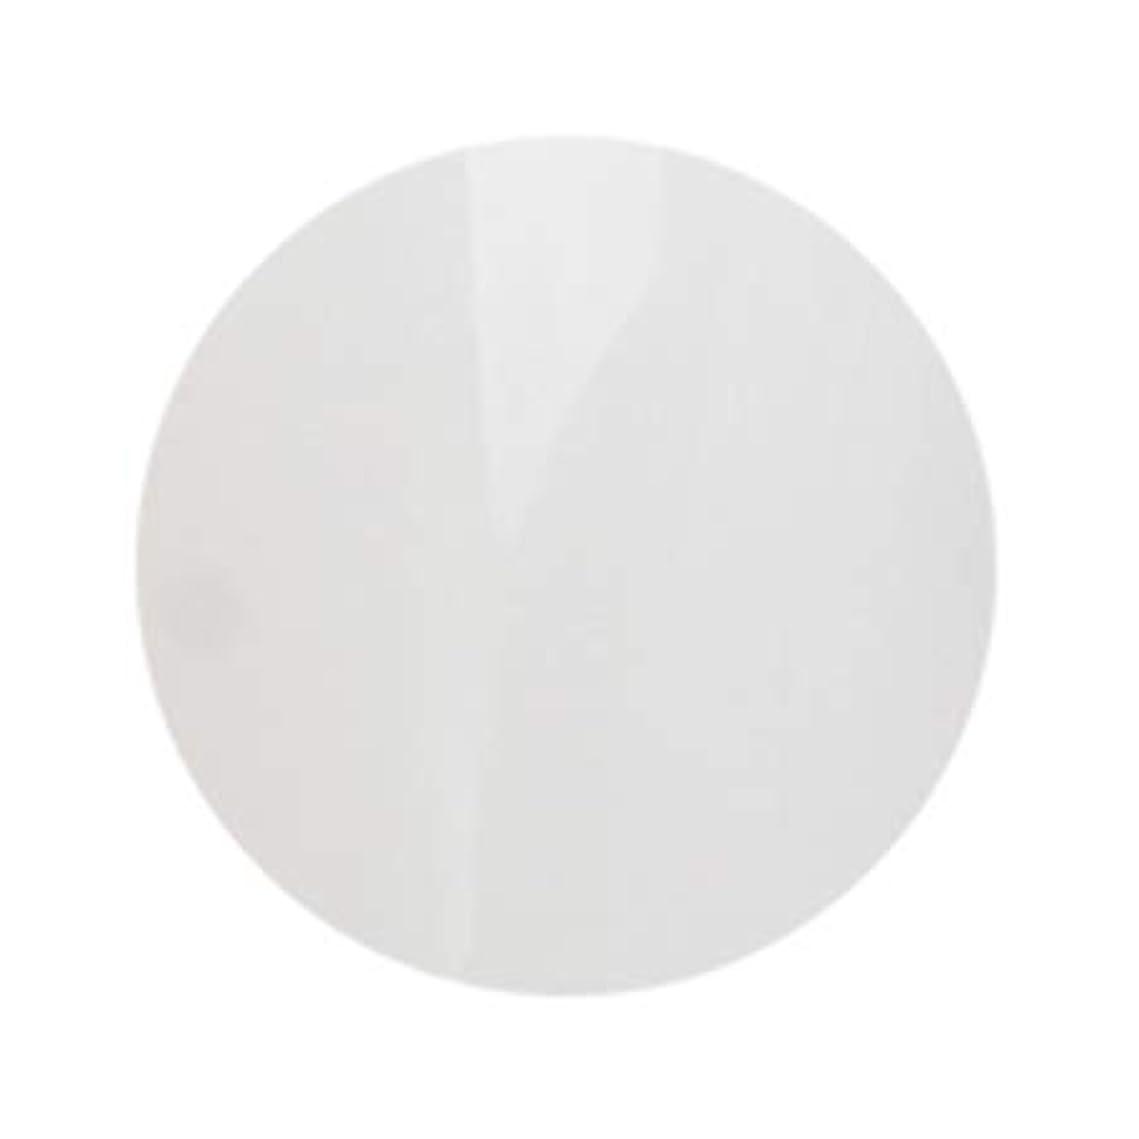 伸ばすワンダーふざけたPutiel プティール カラージェル 268 ココナッツブラン 4g (西山麻耶プロデュース)